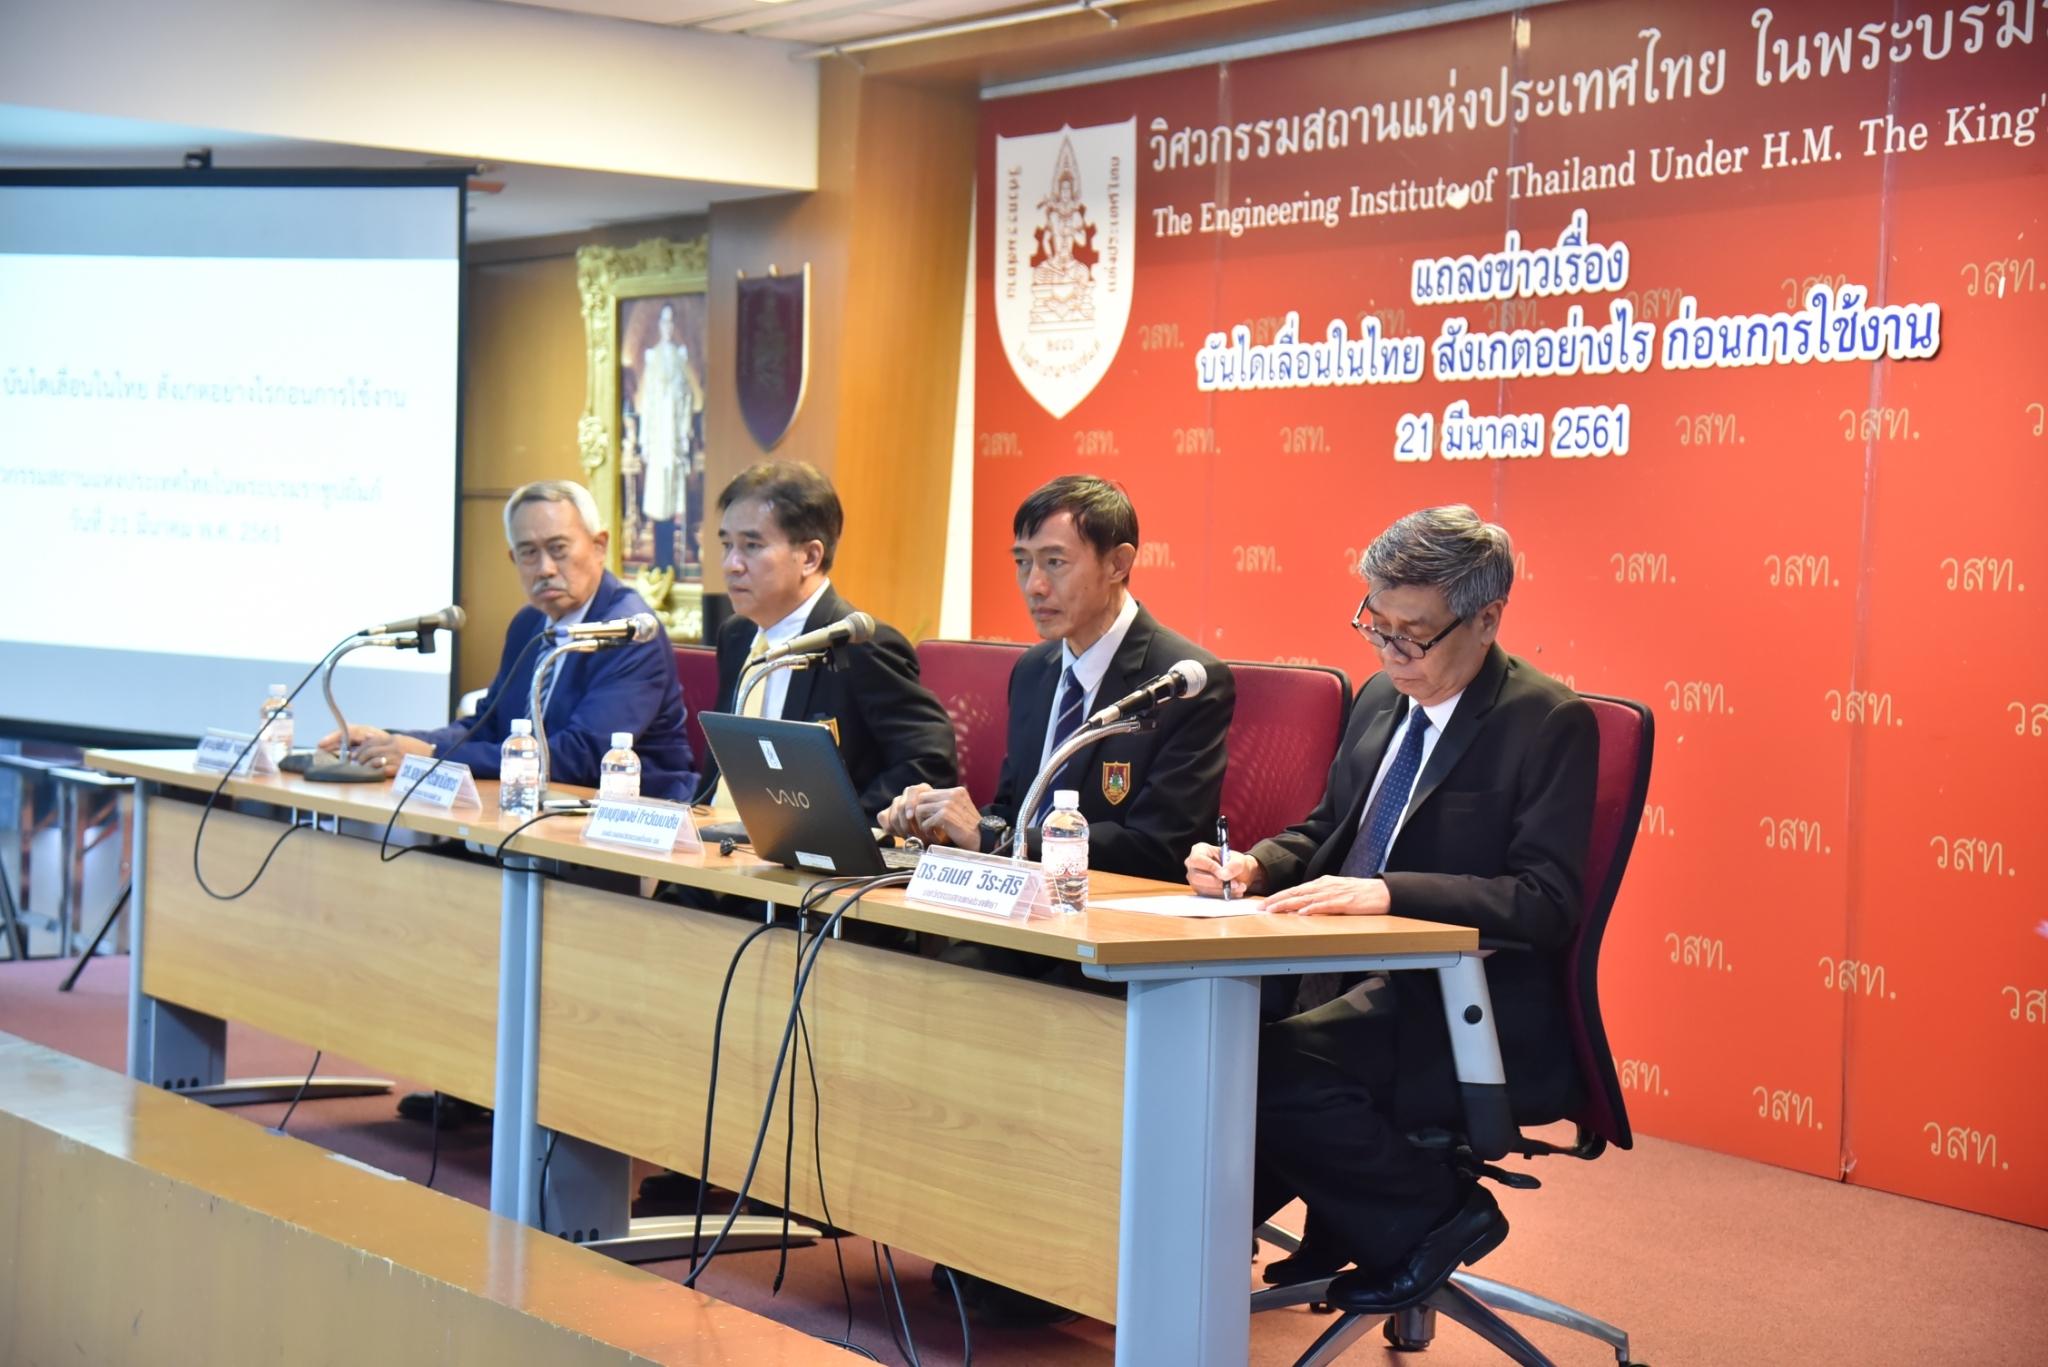 """วิศวกรรมสถานแห่งประเทศไทยฯ แถลงข่าว """"บันไดเลื่อนไทย สังเกตอย่างไรก่อนการใช้งาน"""""""